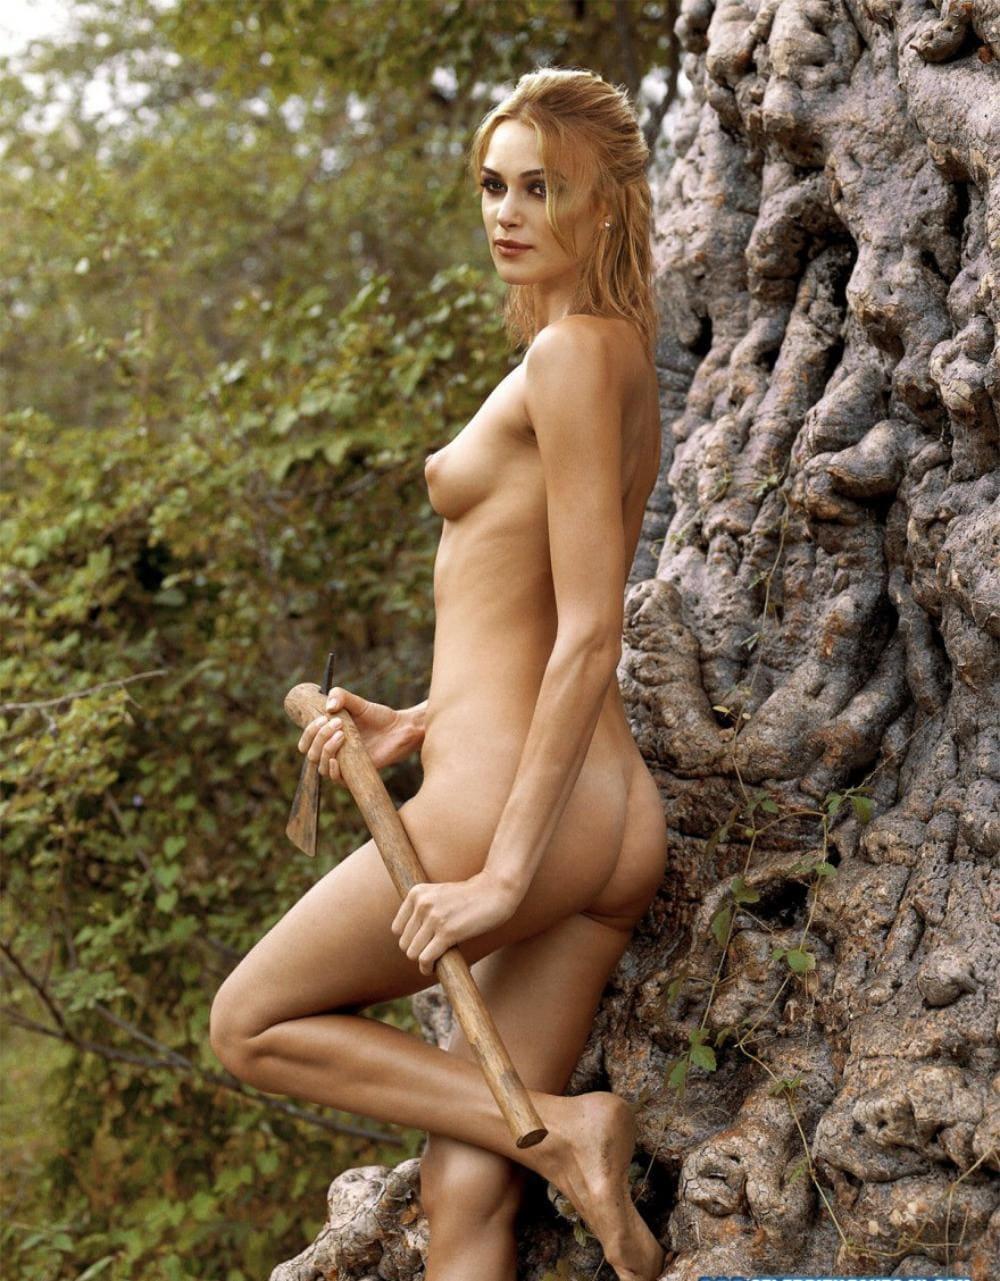 Кира Найтли обнаженная стоит у дерева, маленькая грудь, левая нога согнута в колене